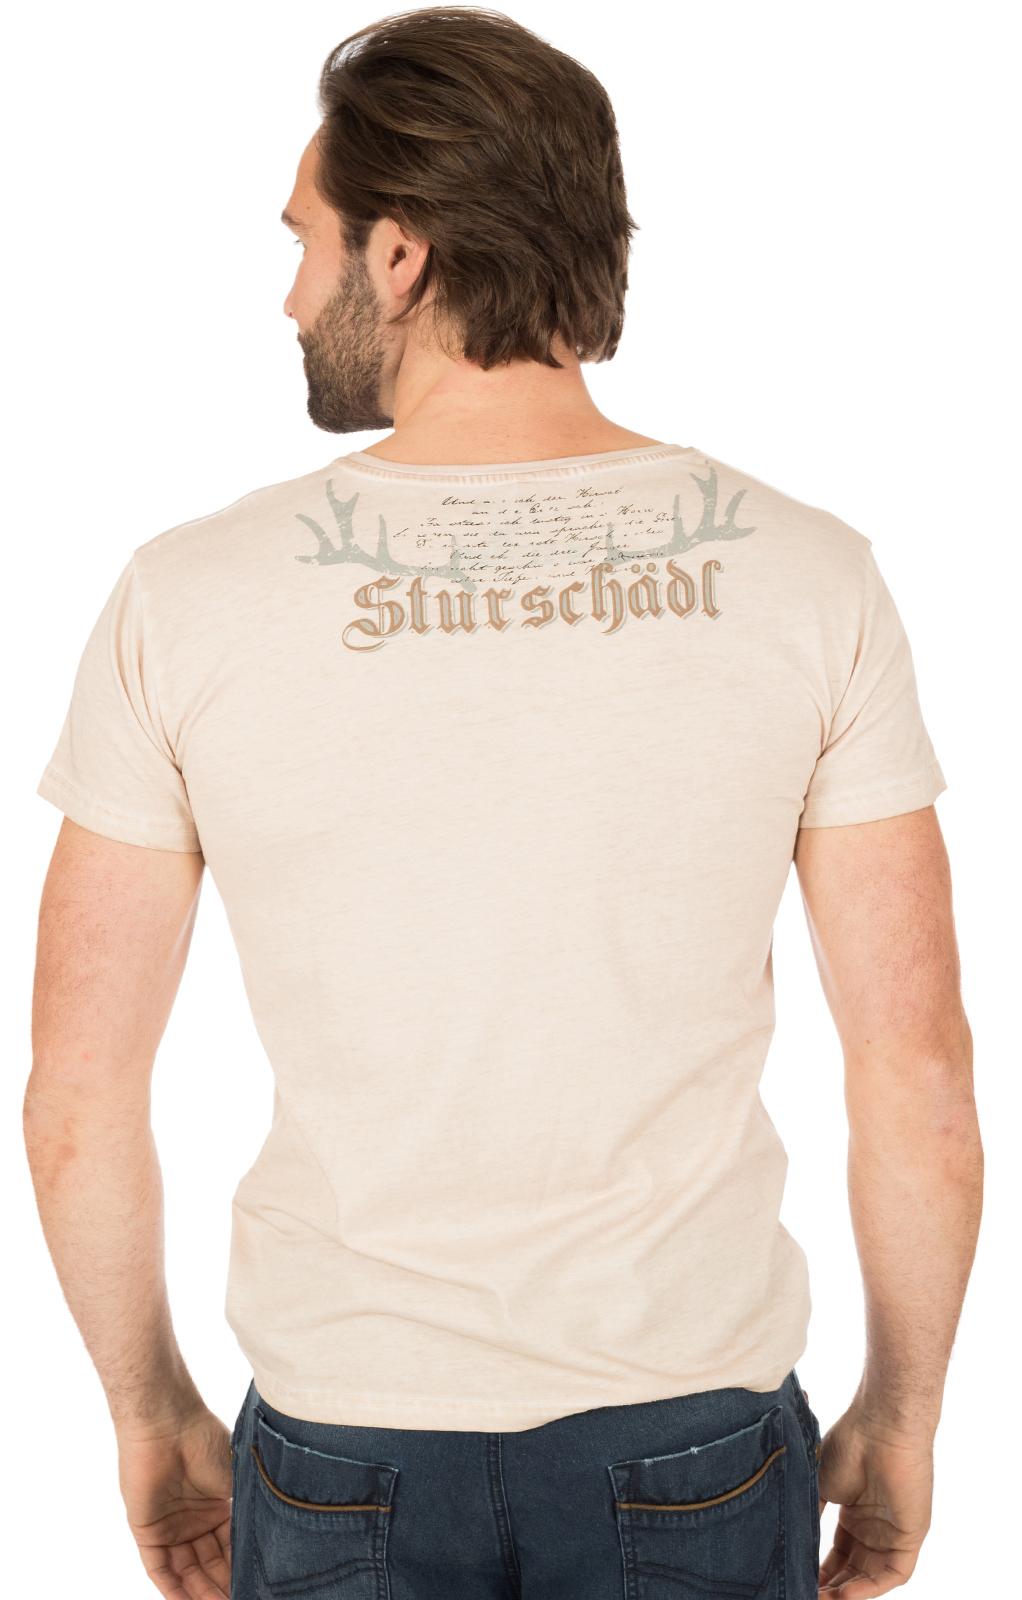 weitere Bilder von Traditional German T-Shirt STURSCHAEDL brown